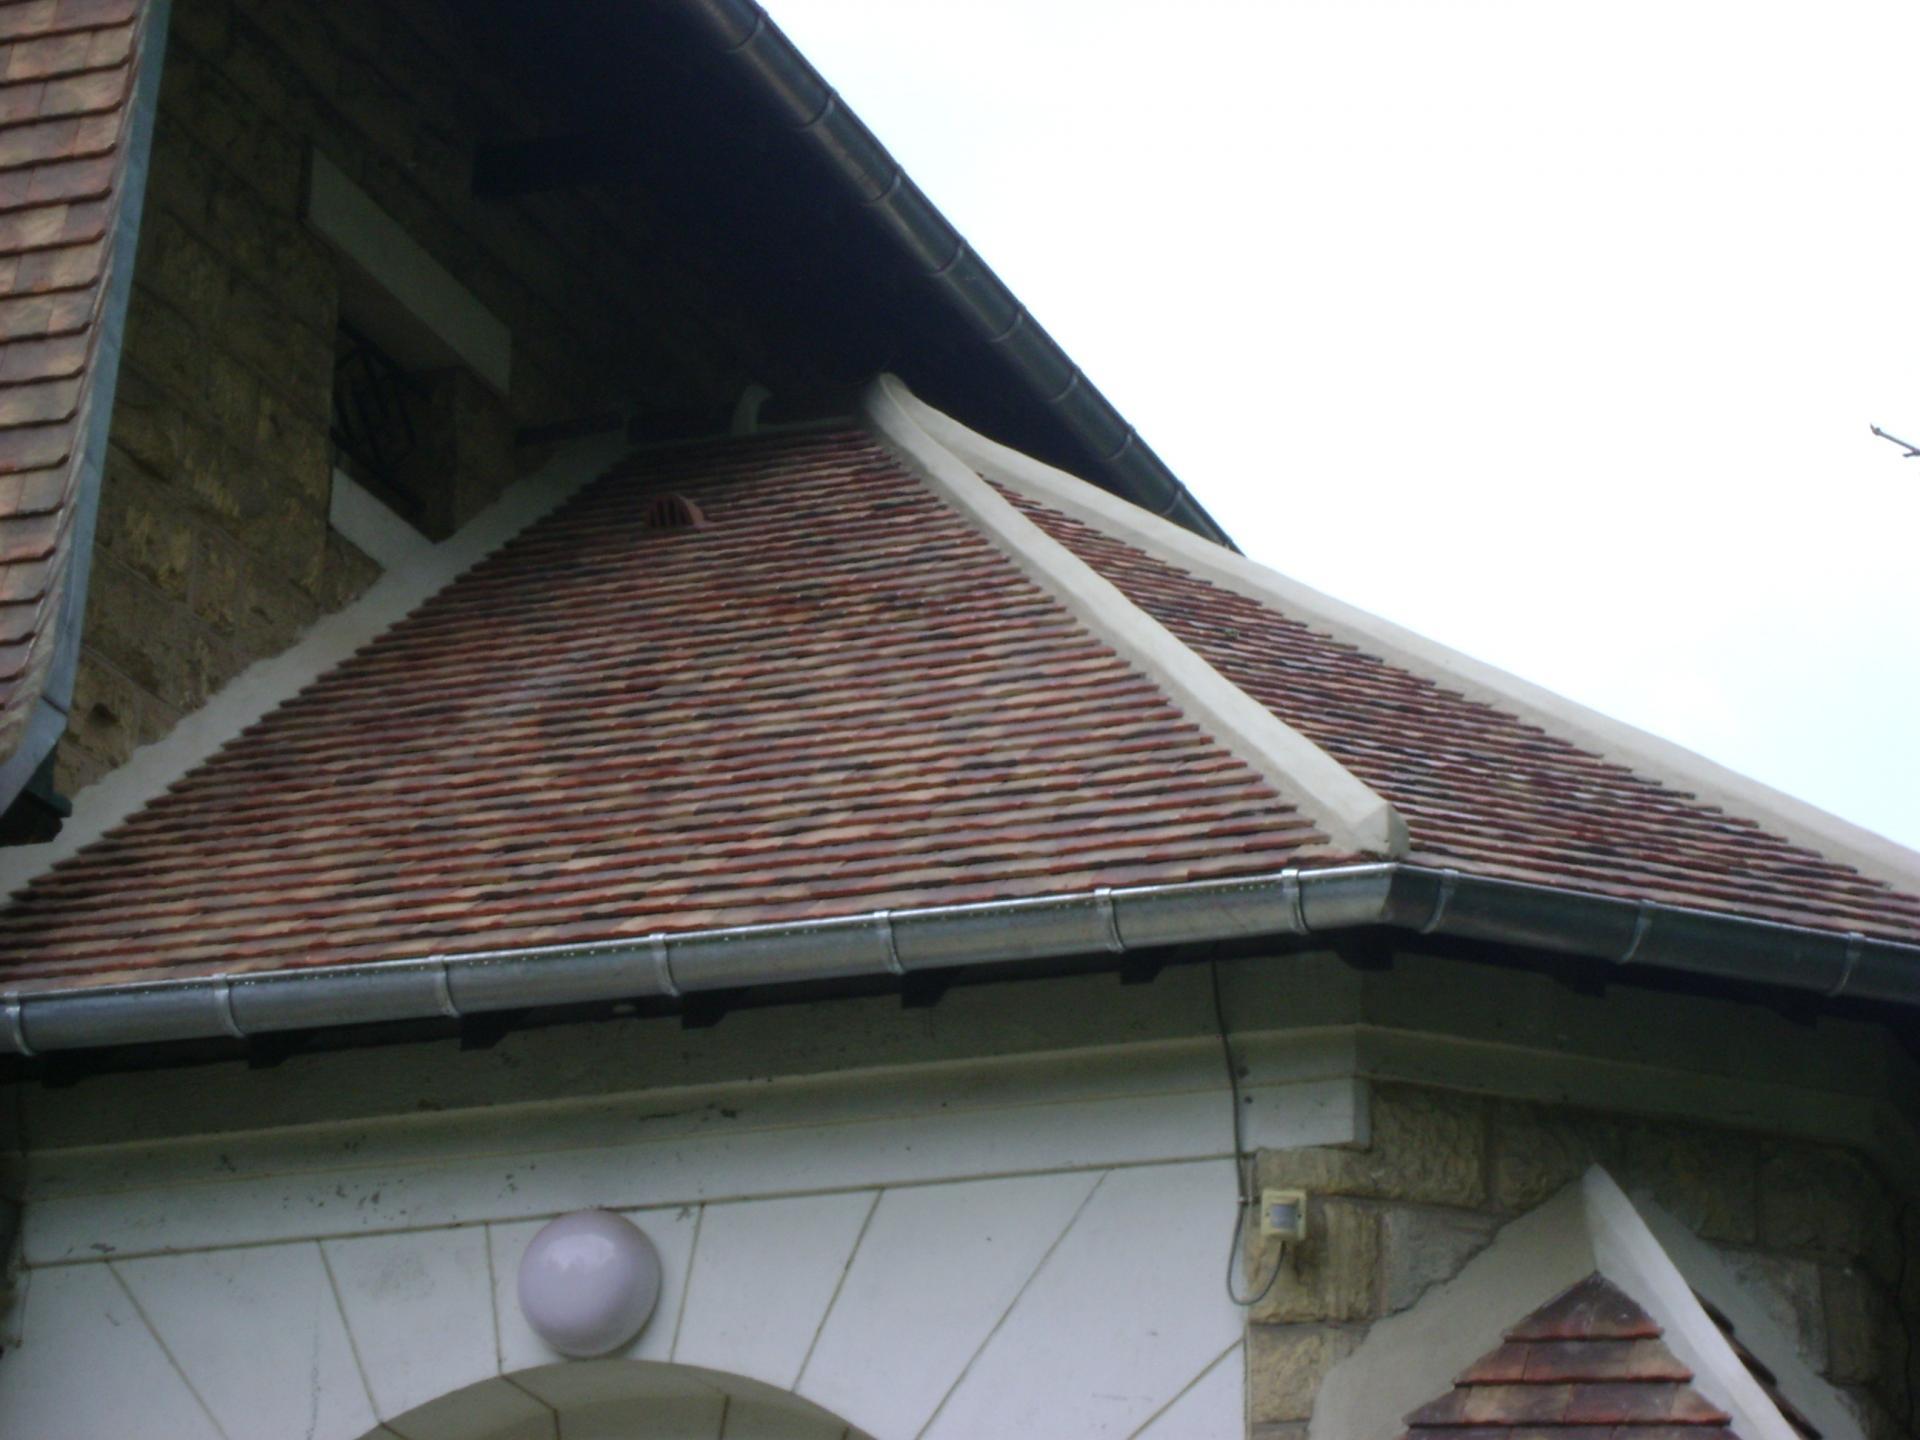 R alisation de toiture tuiles ardoises compi gne oise 60 for Tuiles legeres pour toiture